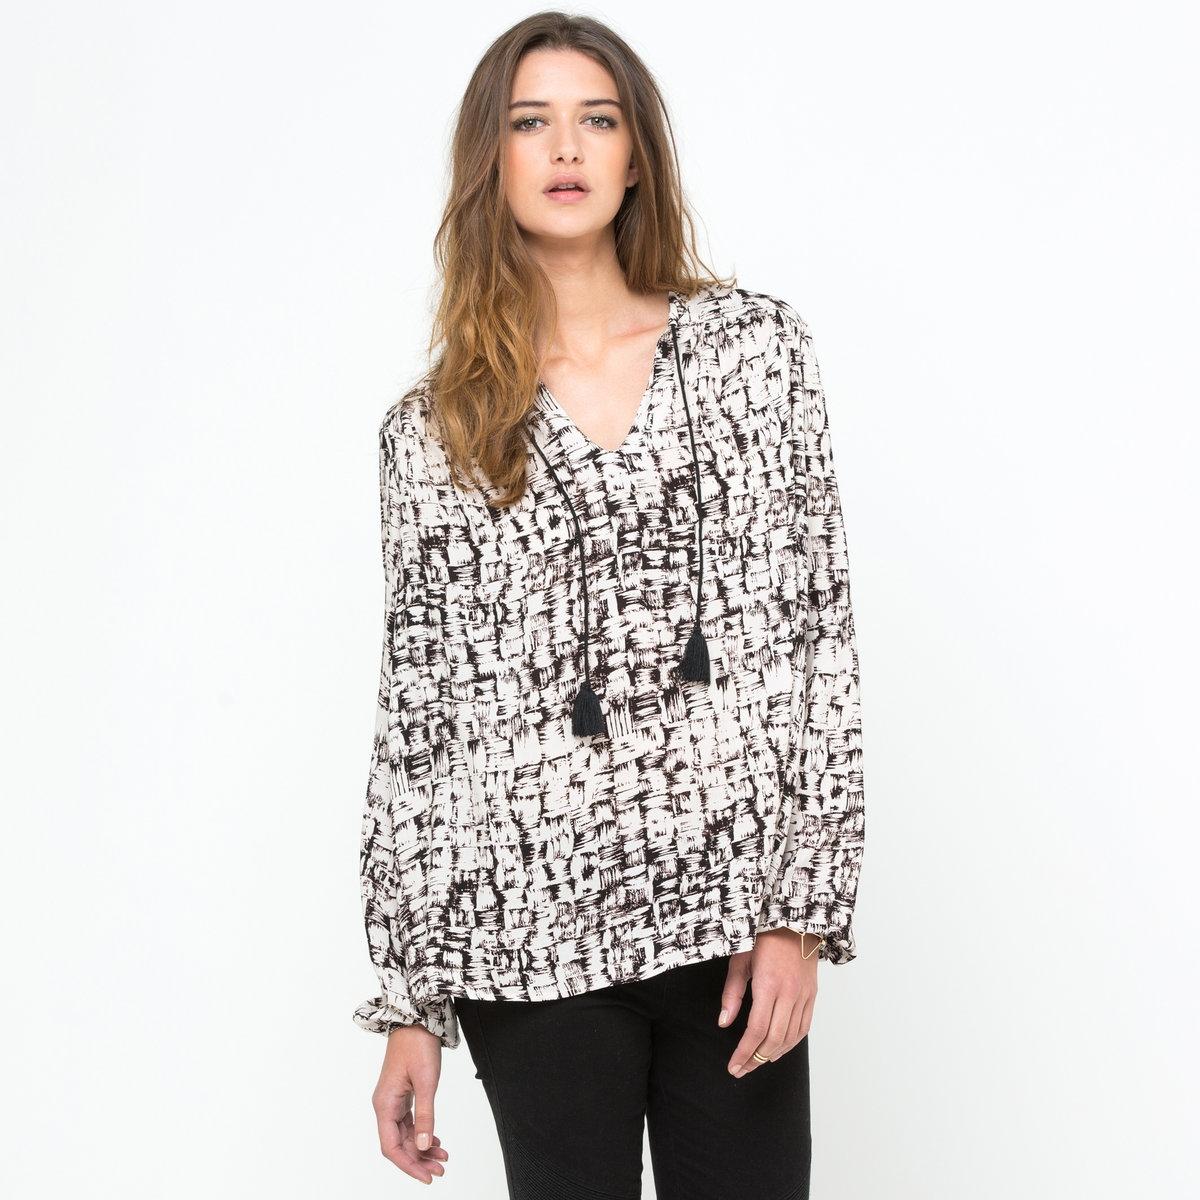 Блузка из струящегося материалаБлузка Soft Grey с рисунком. Вырез с завязками и помпонами. Струящийся материал, 100% вискозы. Длинные рукава. Длина ок. 65 см<br><br>Цвет: рисунок бежевый/черный<br>Размер: 36 (FR) - 42 (RUS)